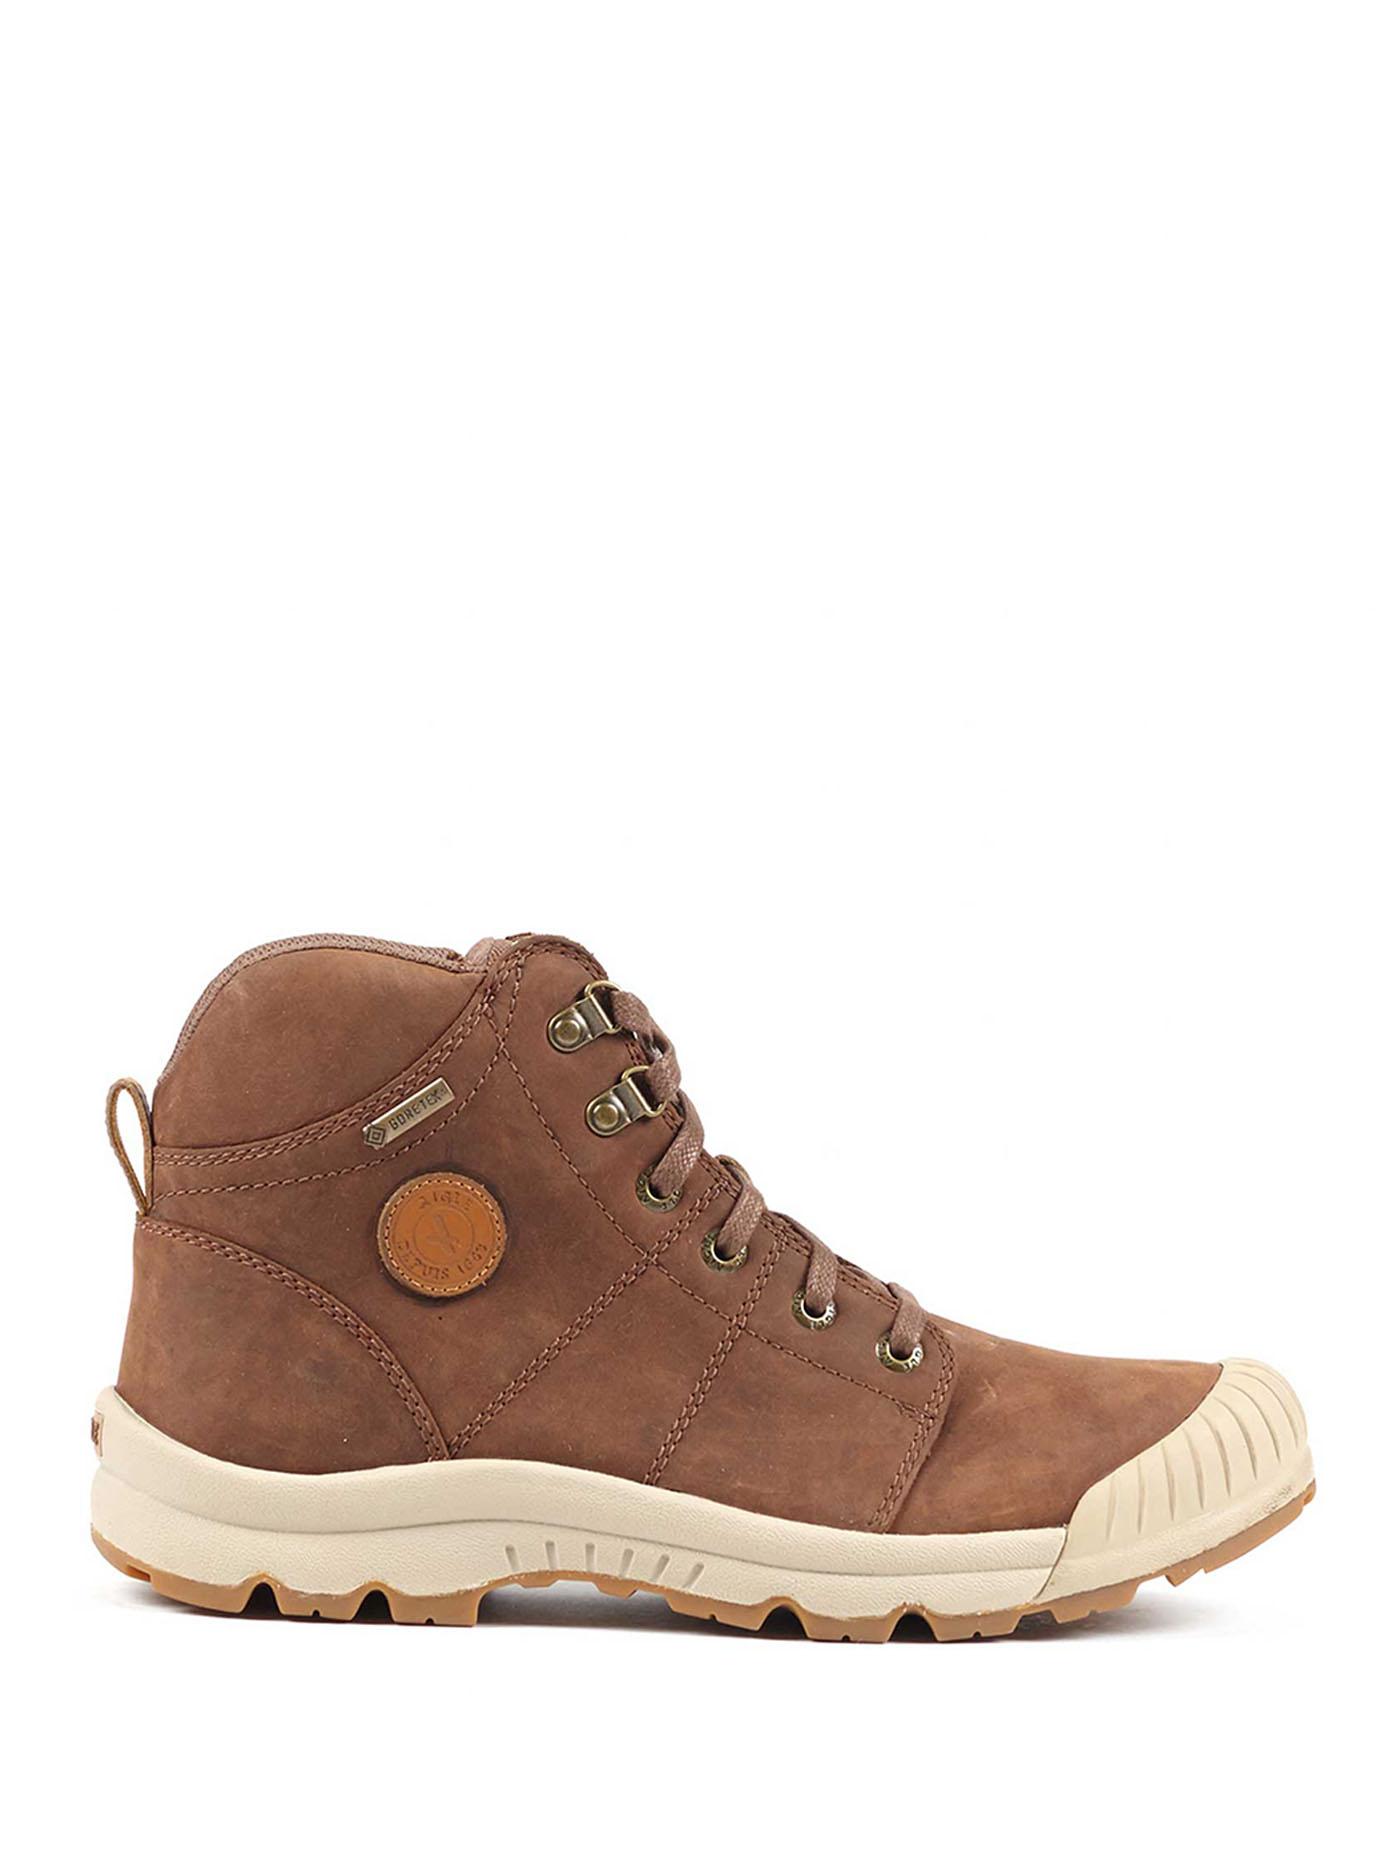 Chaussures de marche imperméables cuir homme Tenere® light